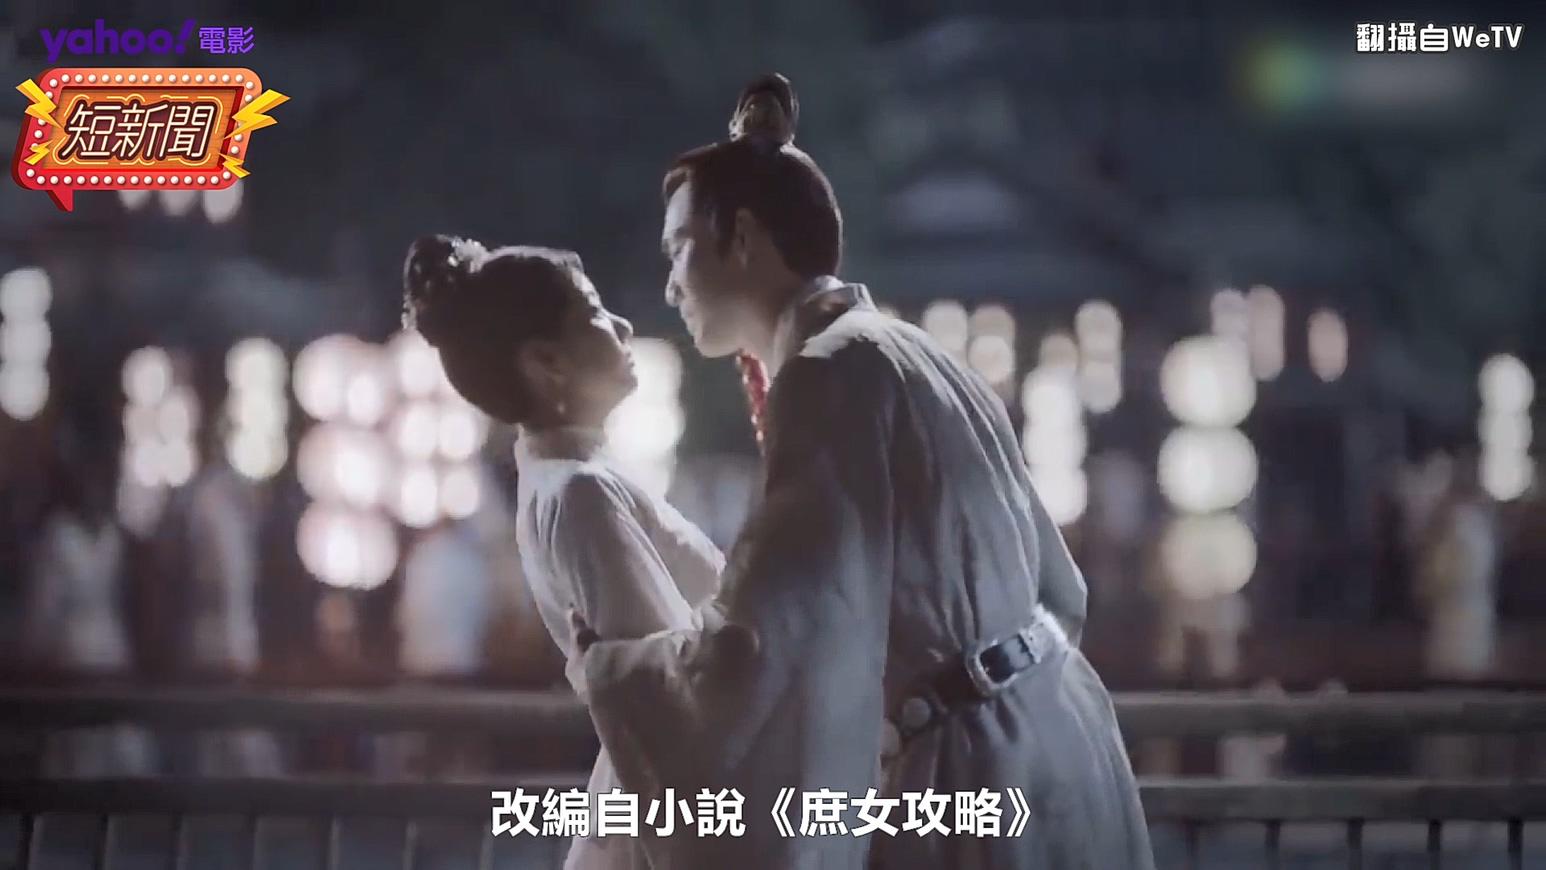 《錦心似玉》打臉父女戀大受好評 鍾漢良太會親